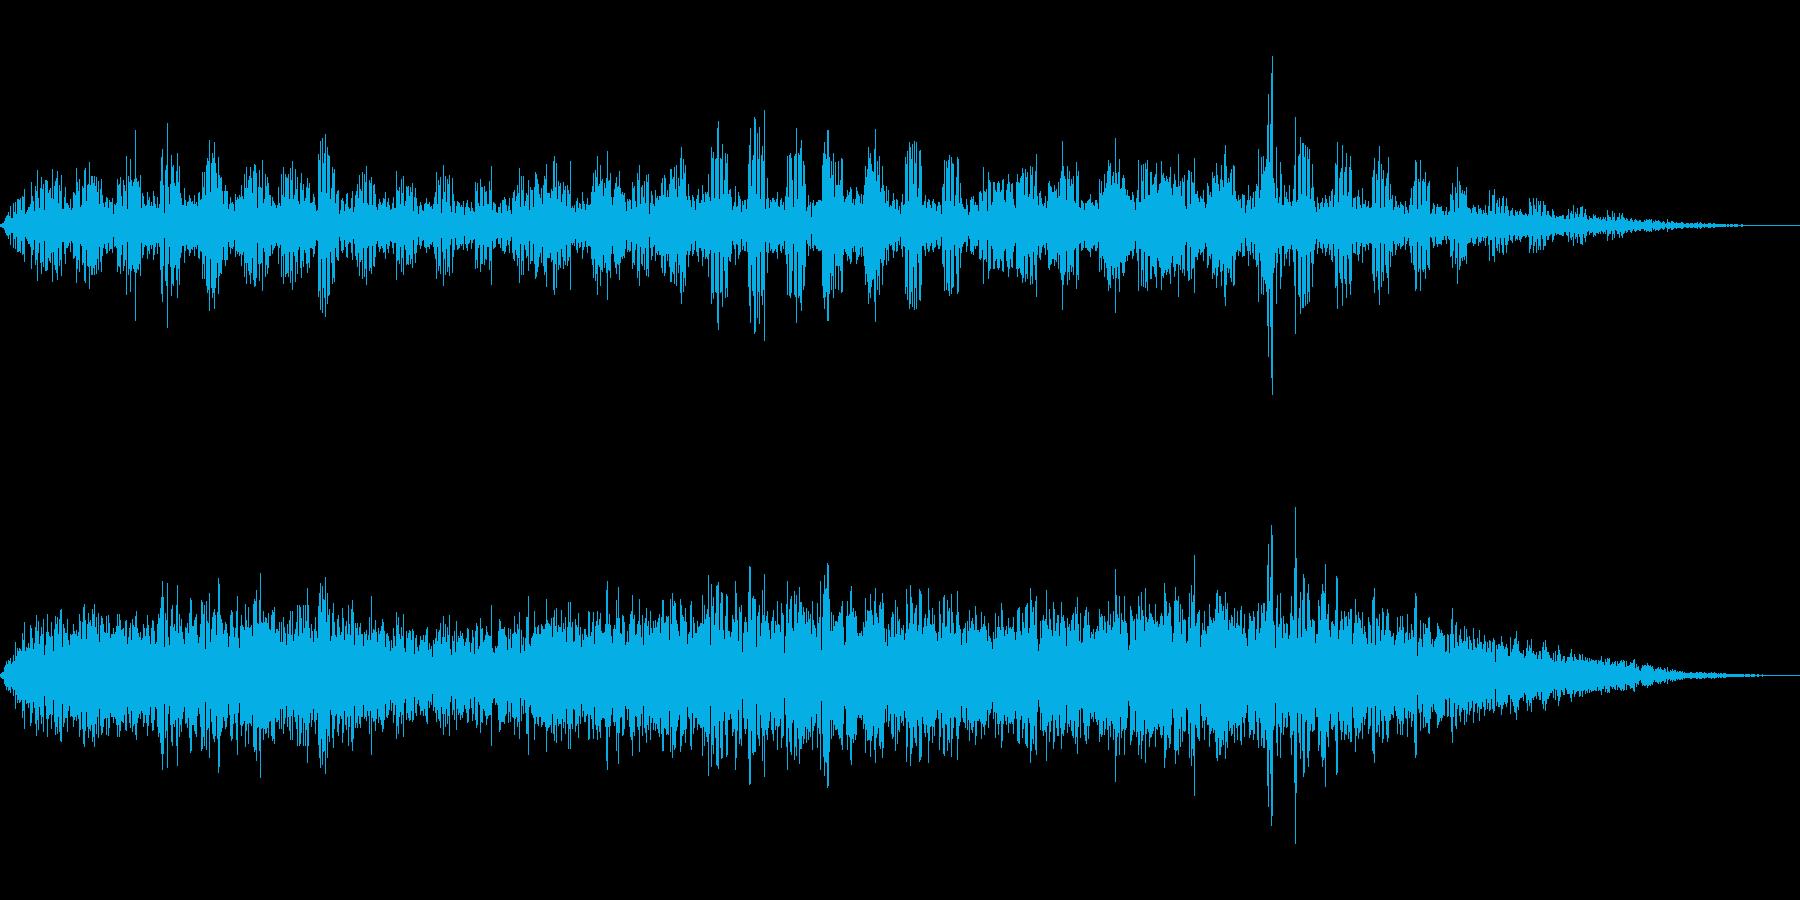 交信ノイズの再生済みの波形